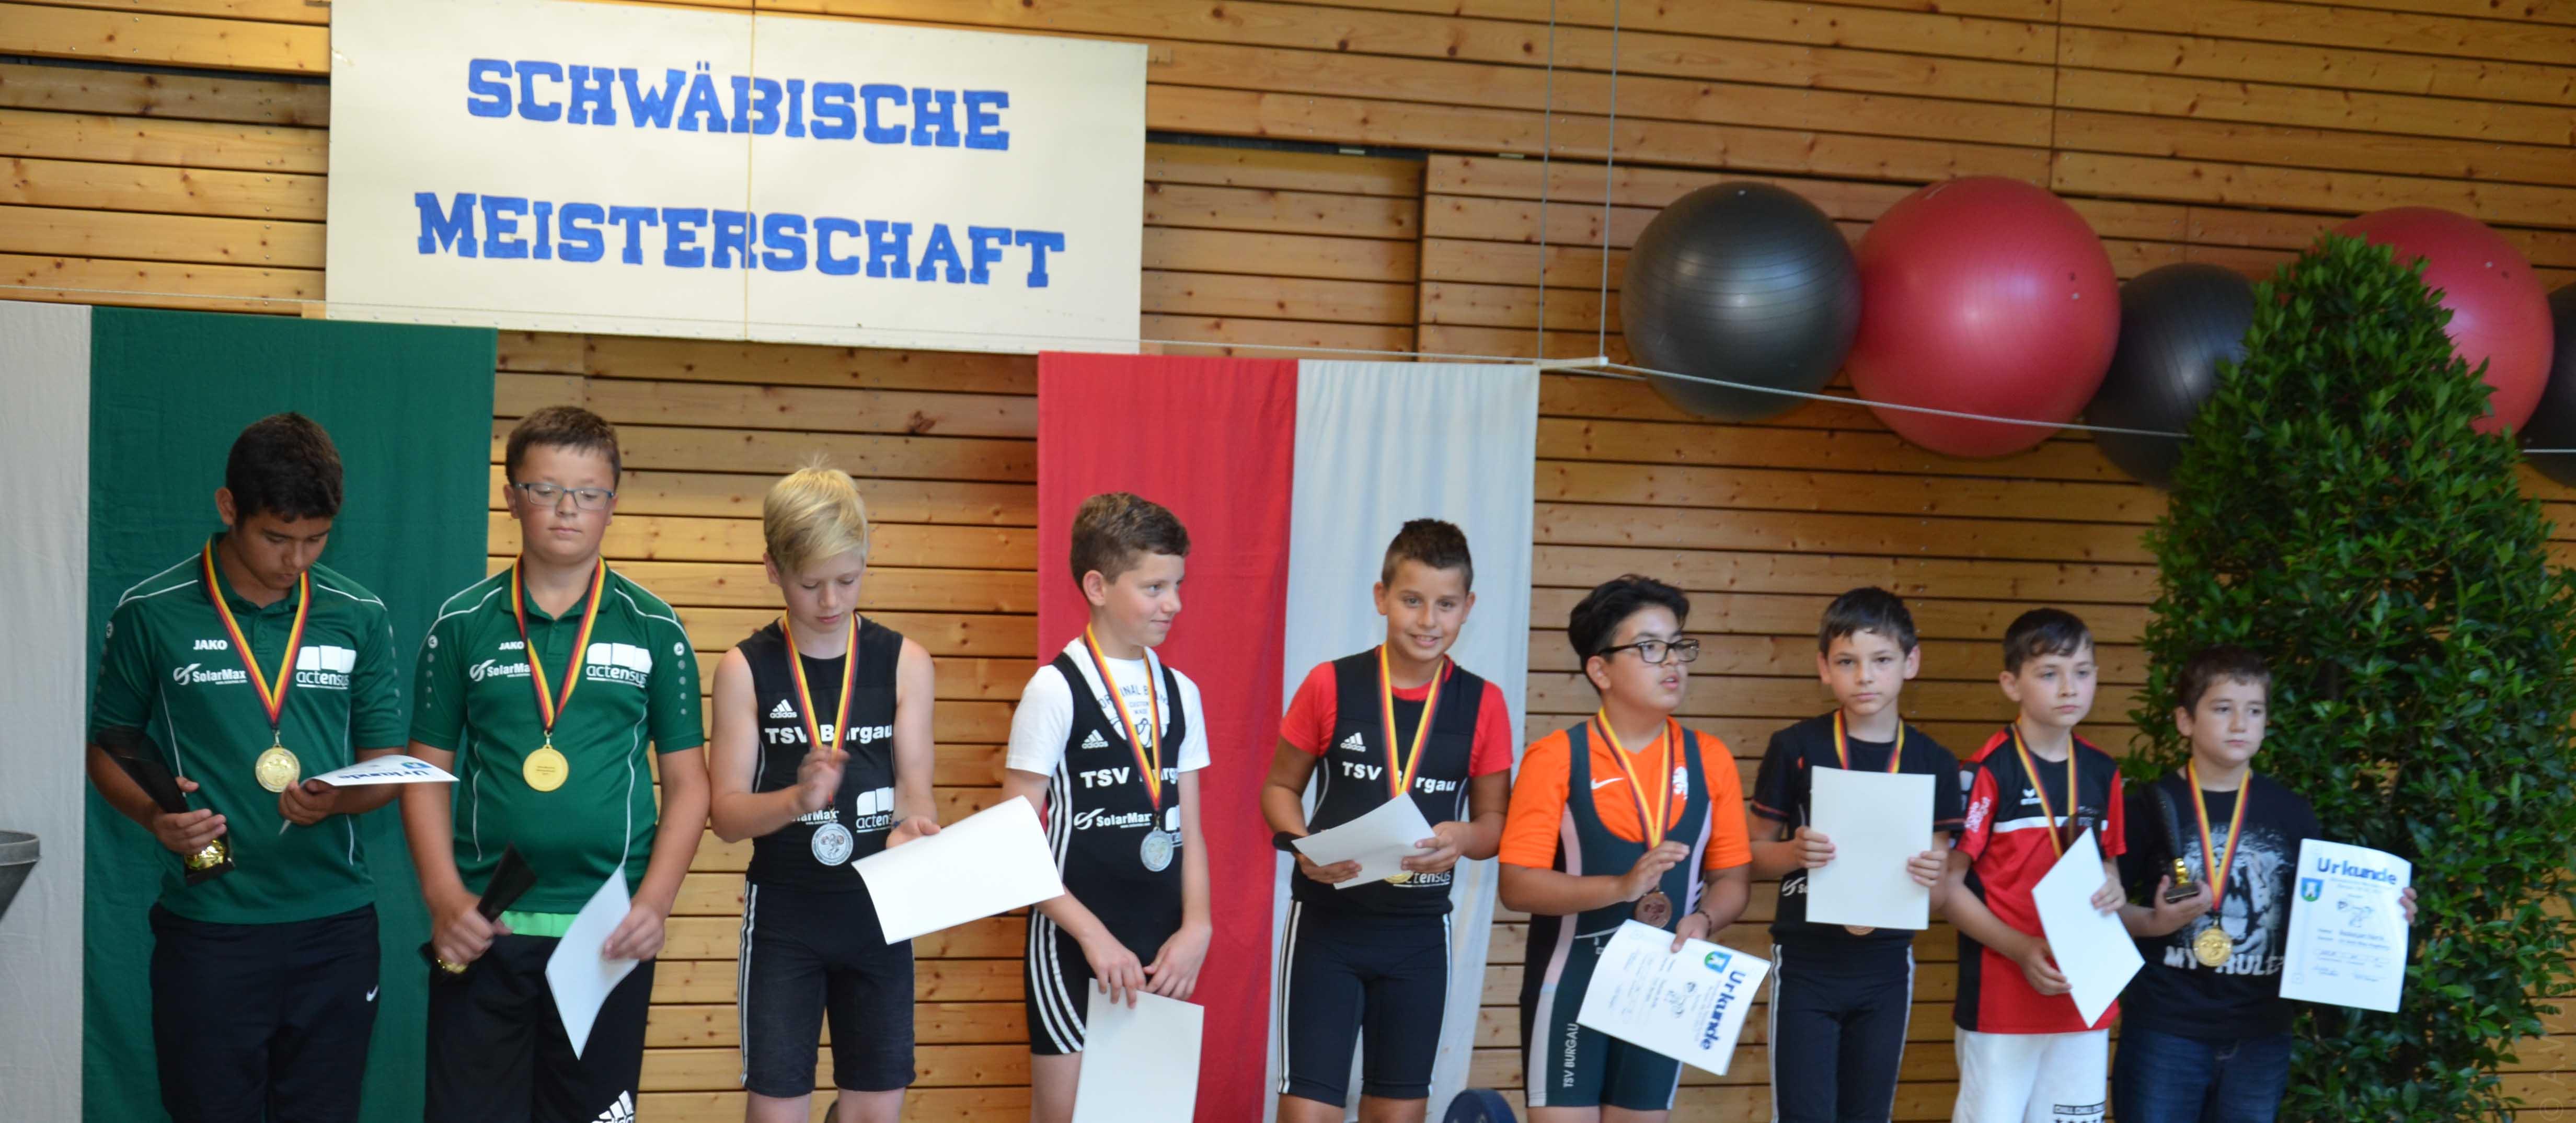 Schwäbische_Meisterschaft_2017__(28_von_55)